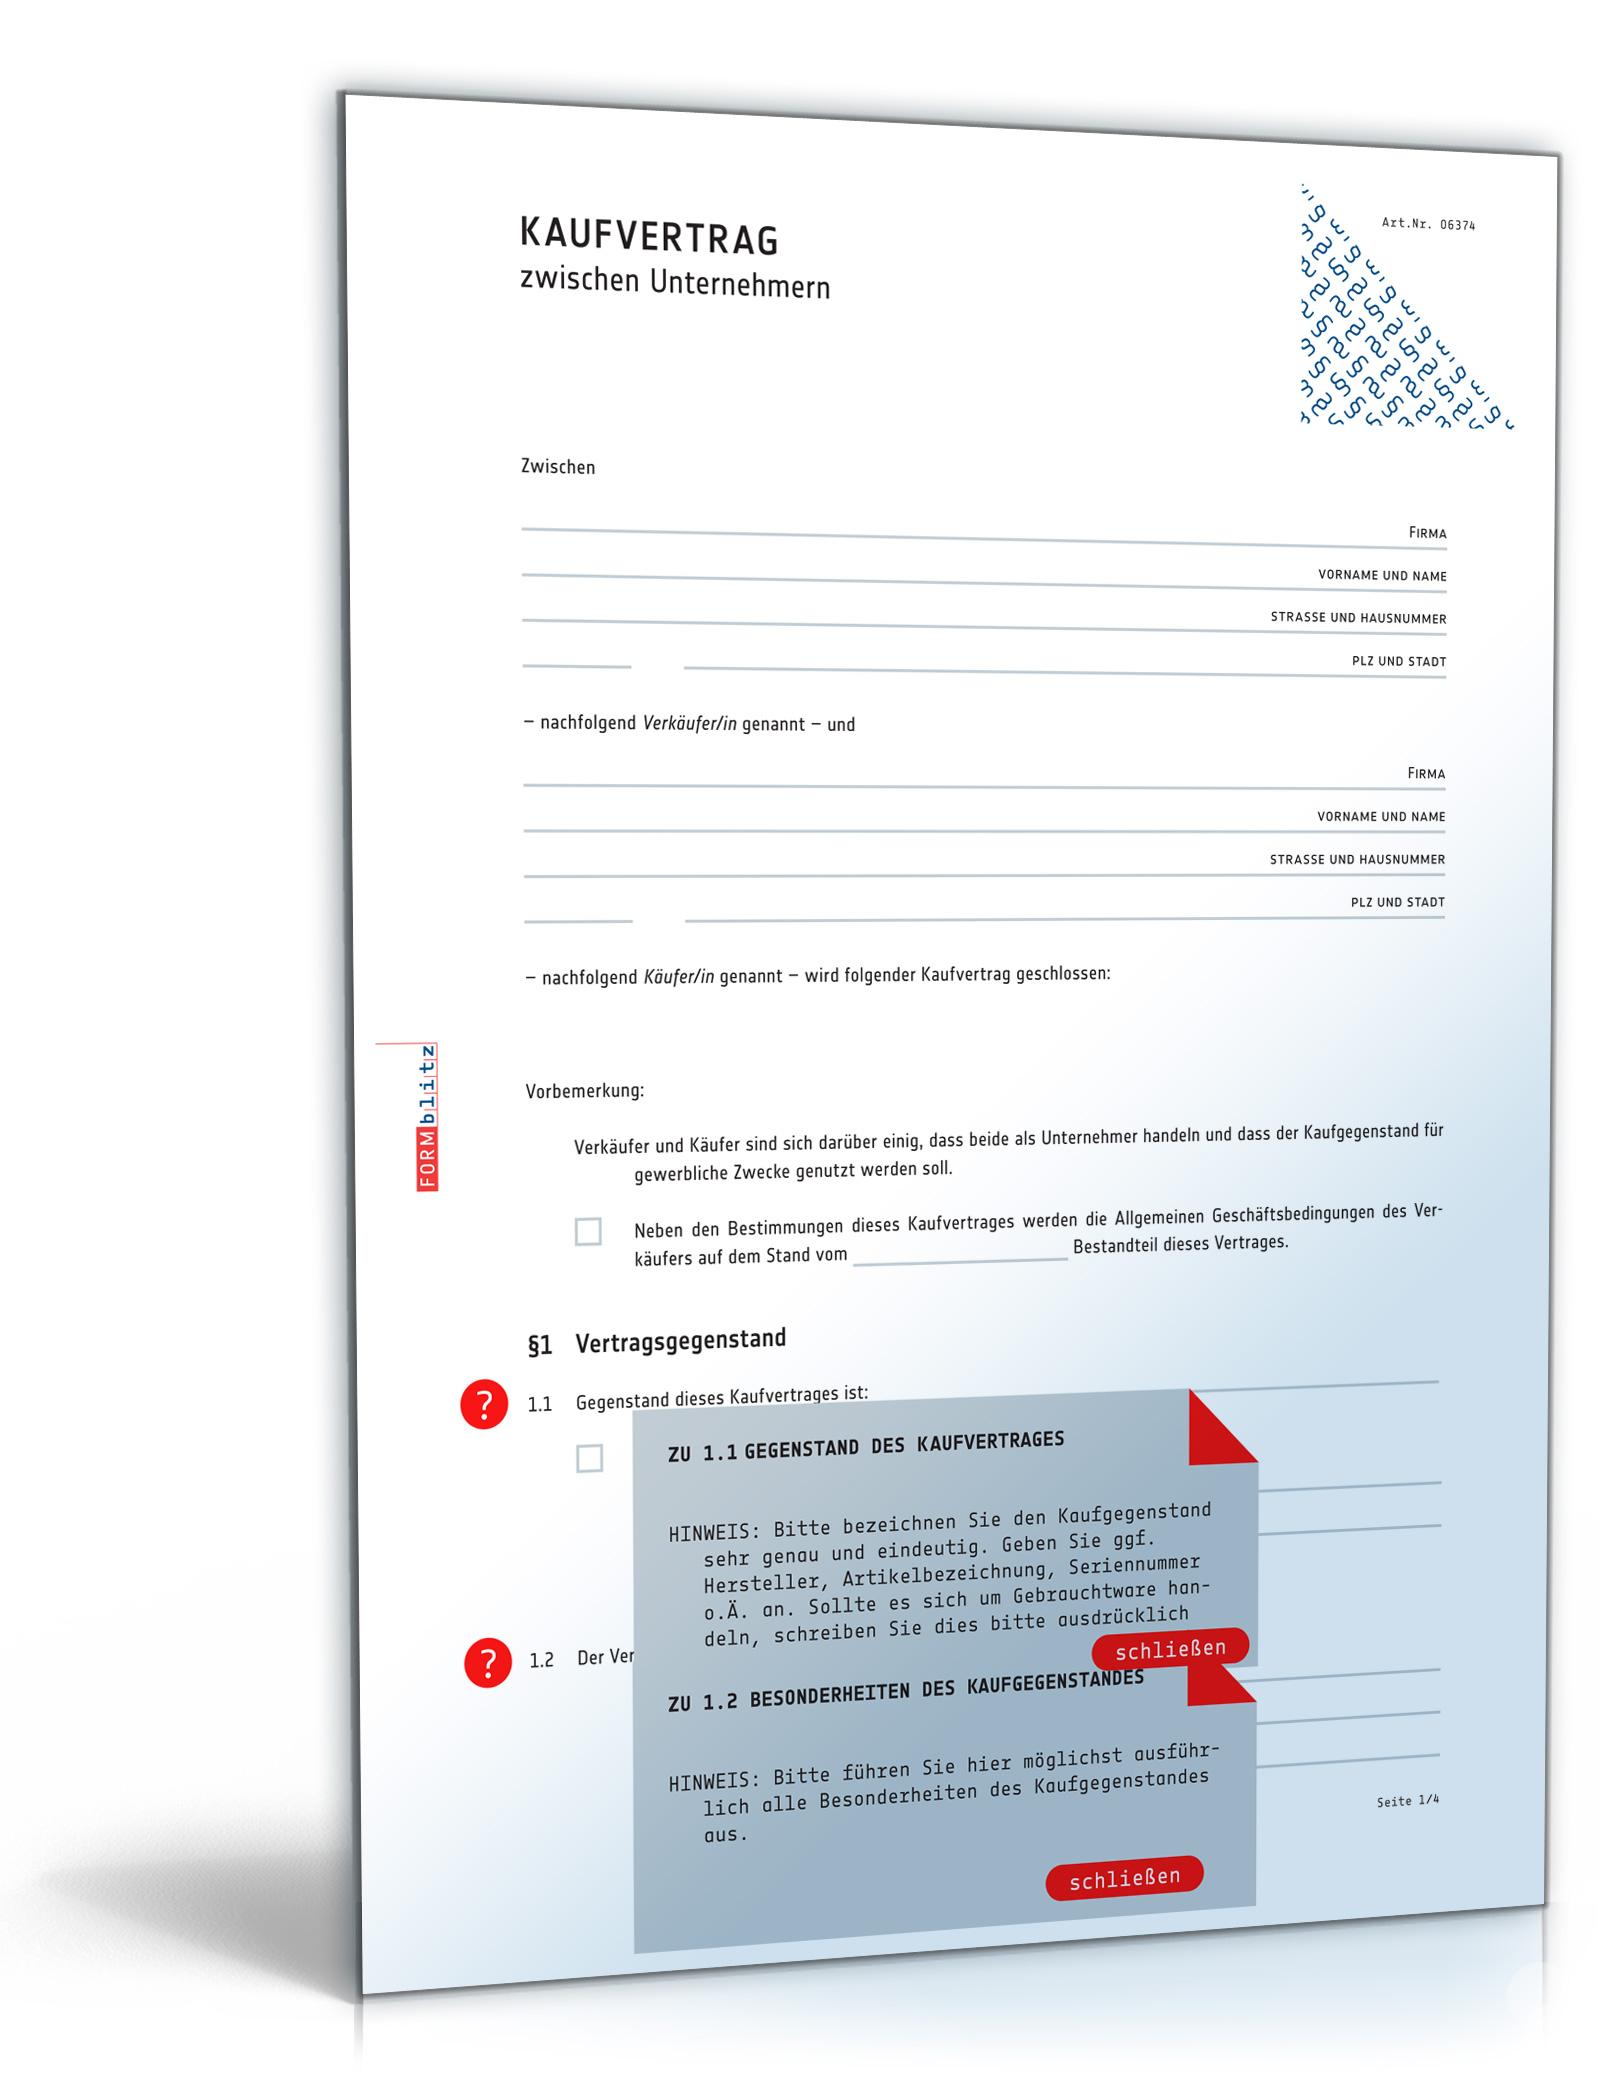 Fein Lease Kaufvertrag Vorlage Bilder - FORTSETZUNG ARBEITSBLATT ...